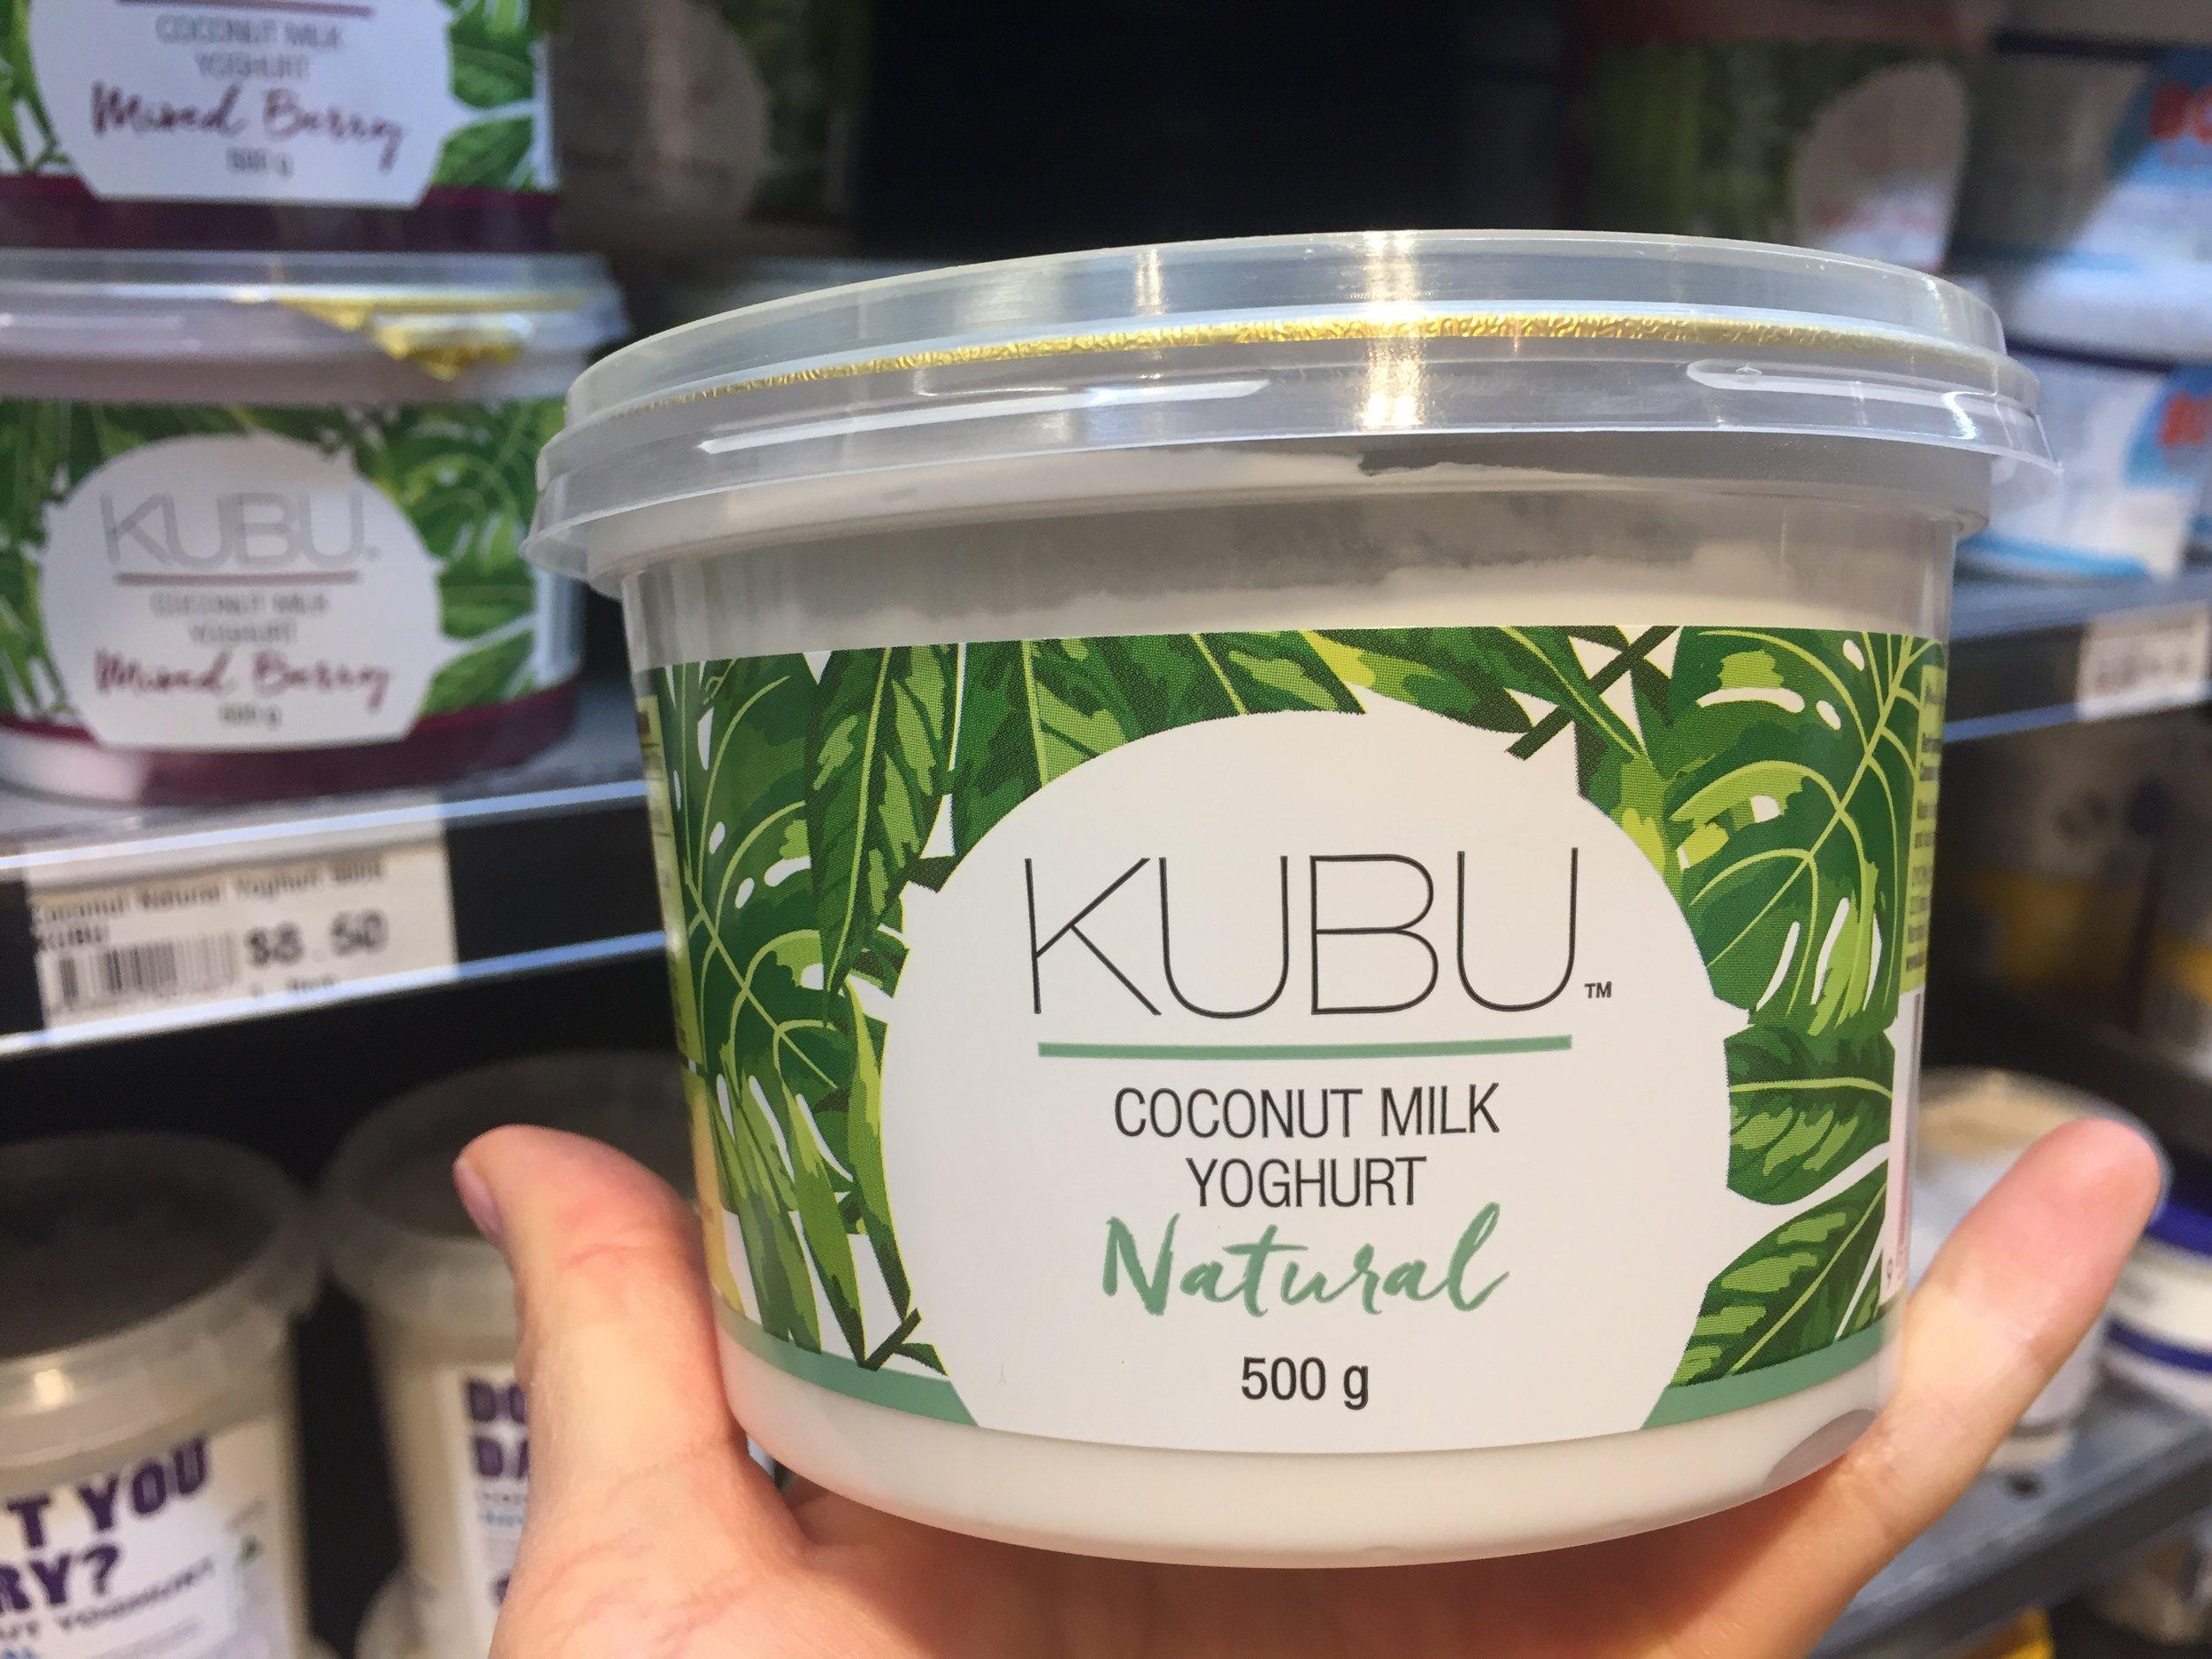 kubu-yohurt-australia